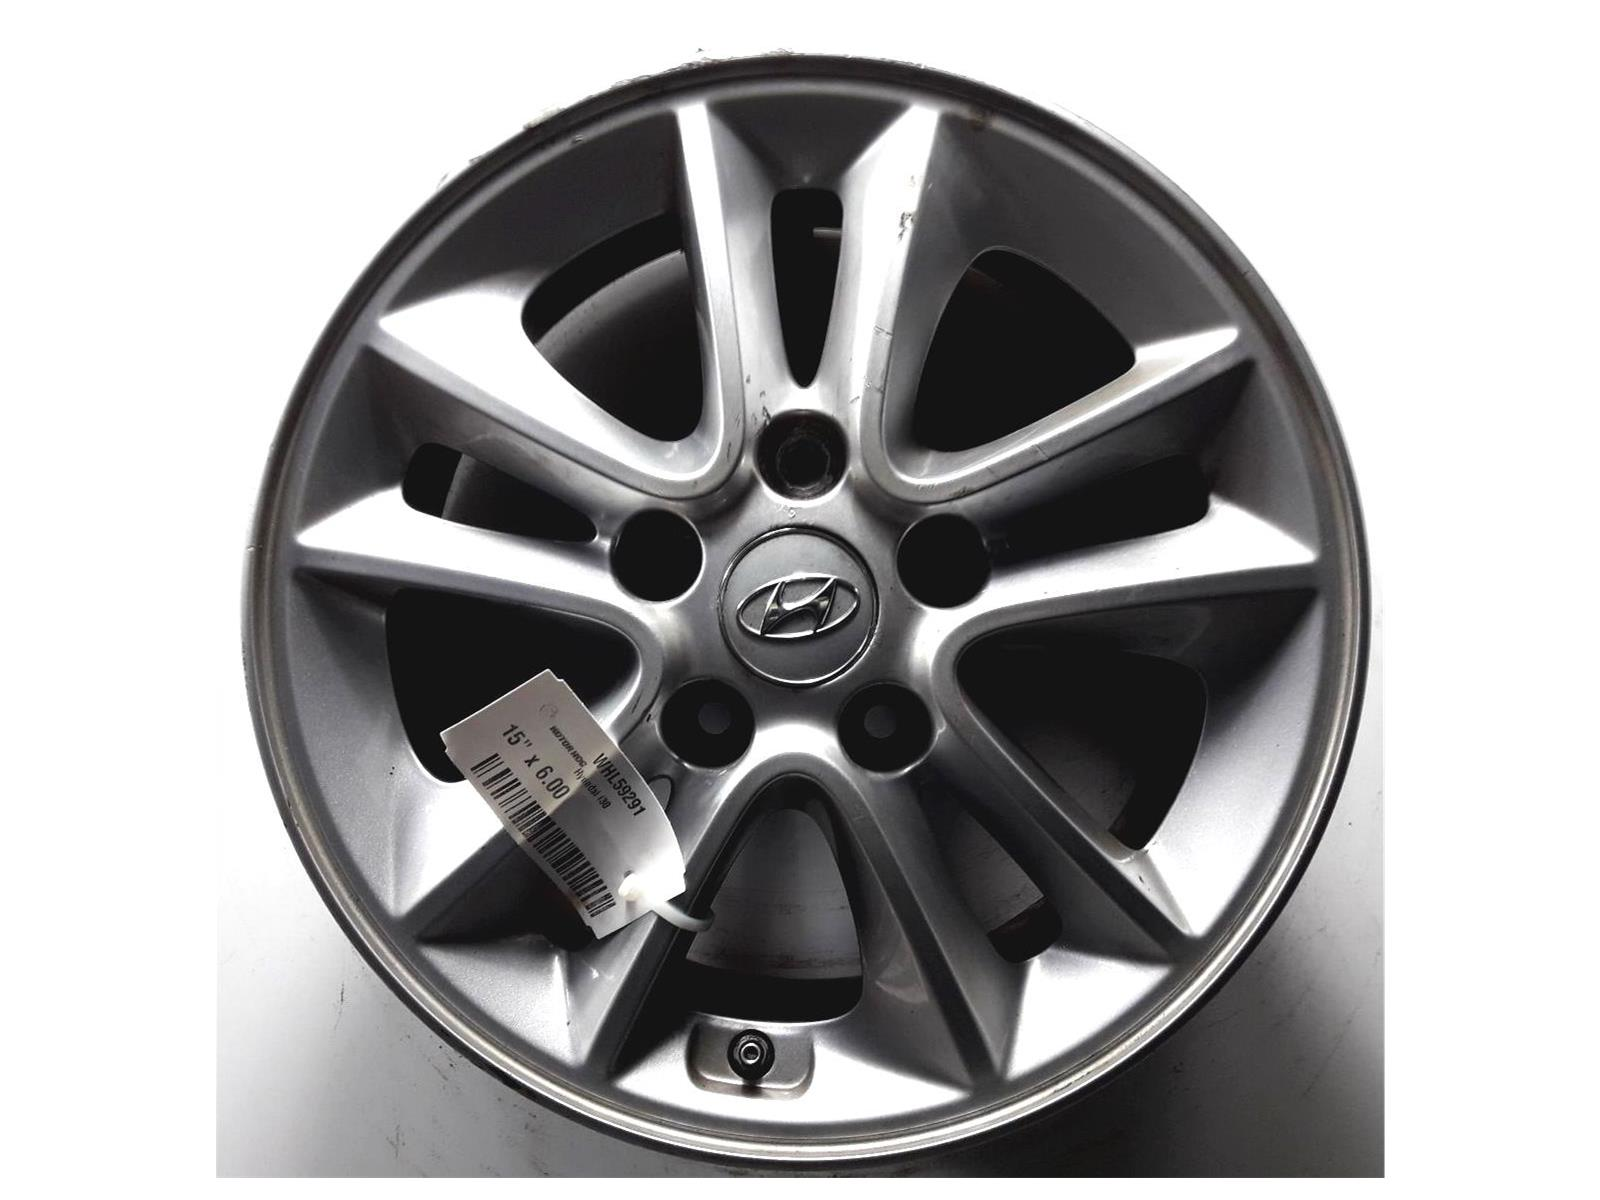 ALLOY WHEEL Hyundai i30 15 Inch Alloy Wheel Rim - WHL59291